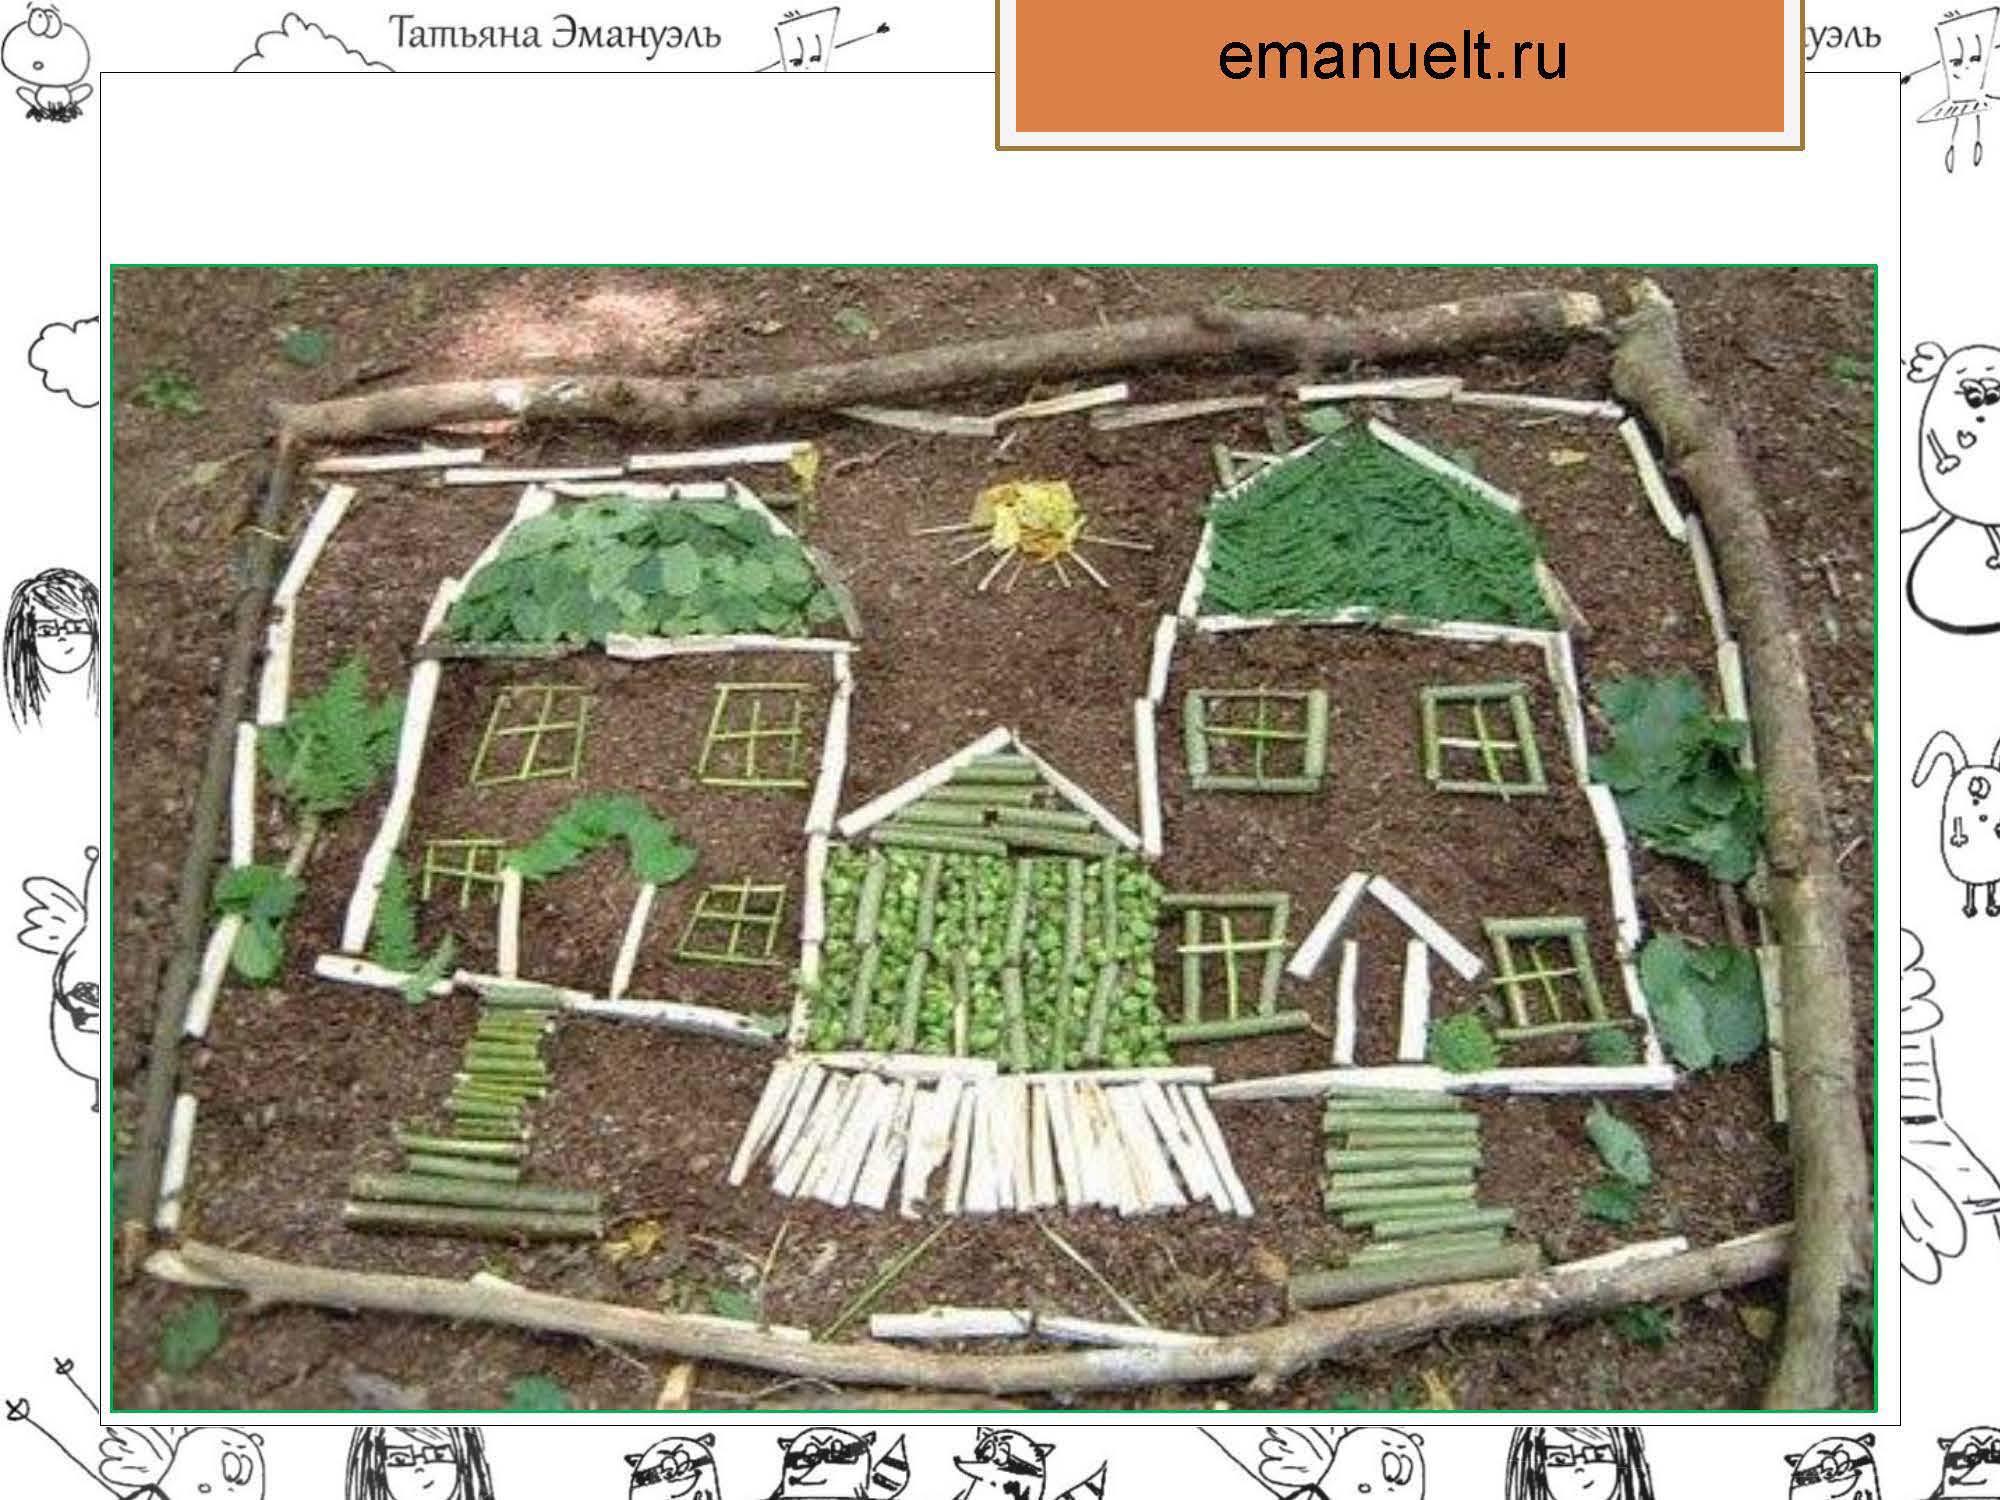 секция 8. Эмануэль Т.С., Московский район_Страница_28